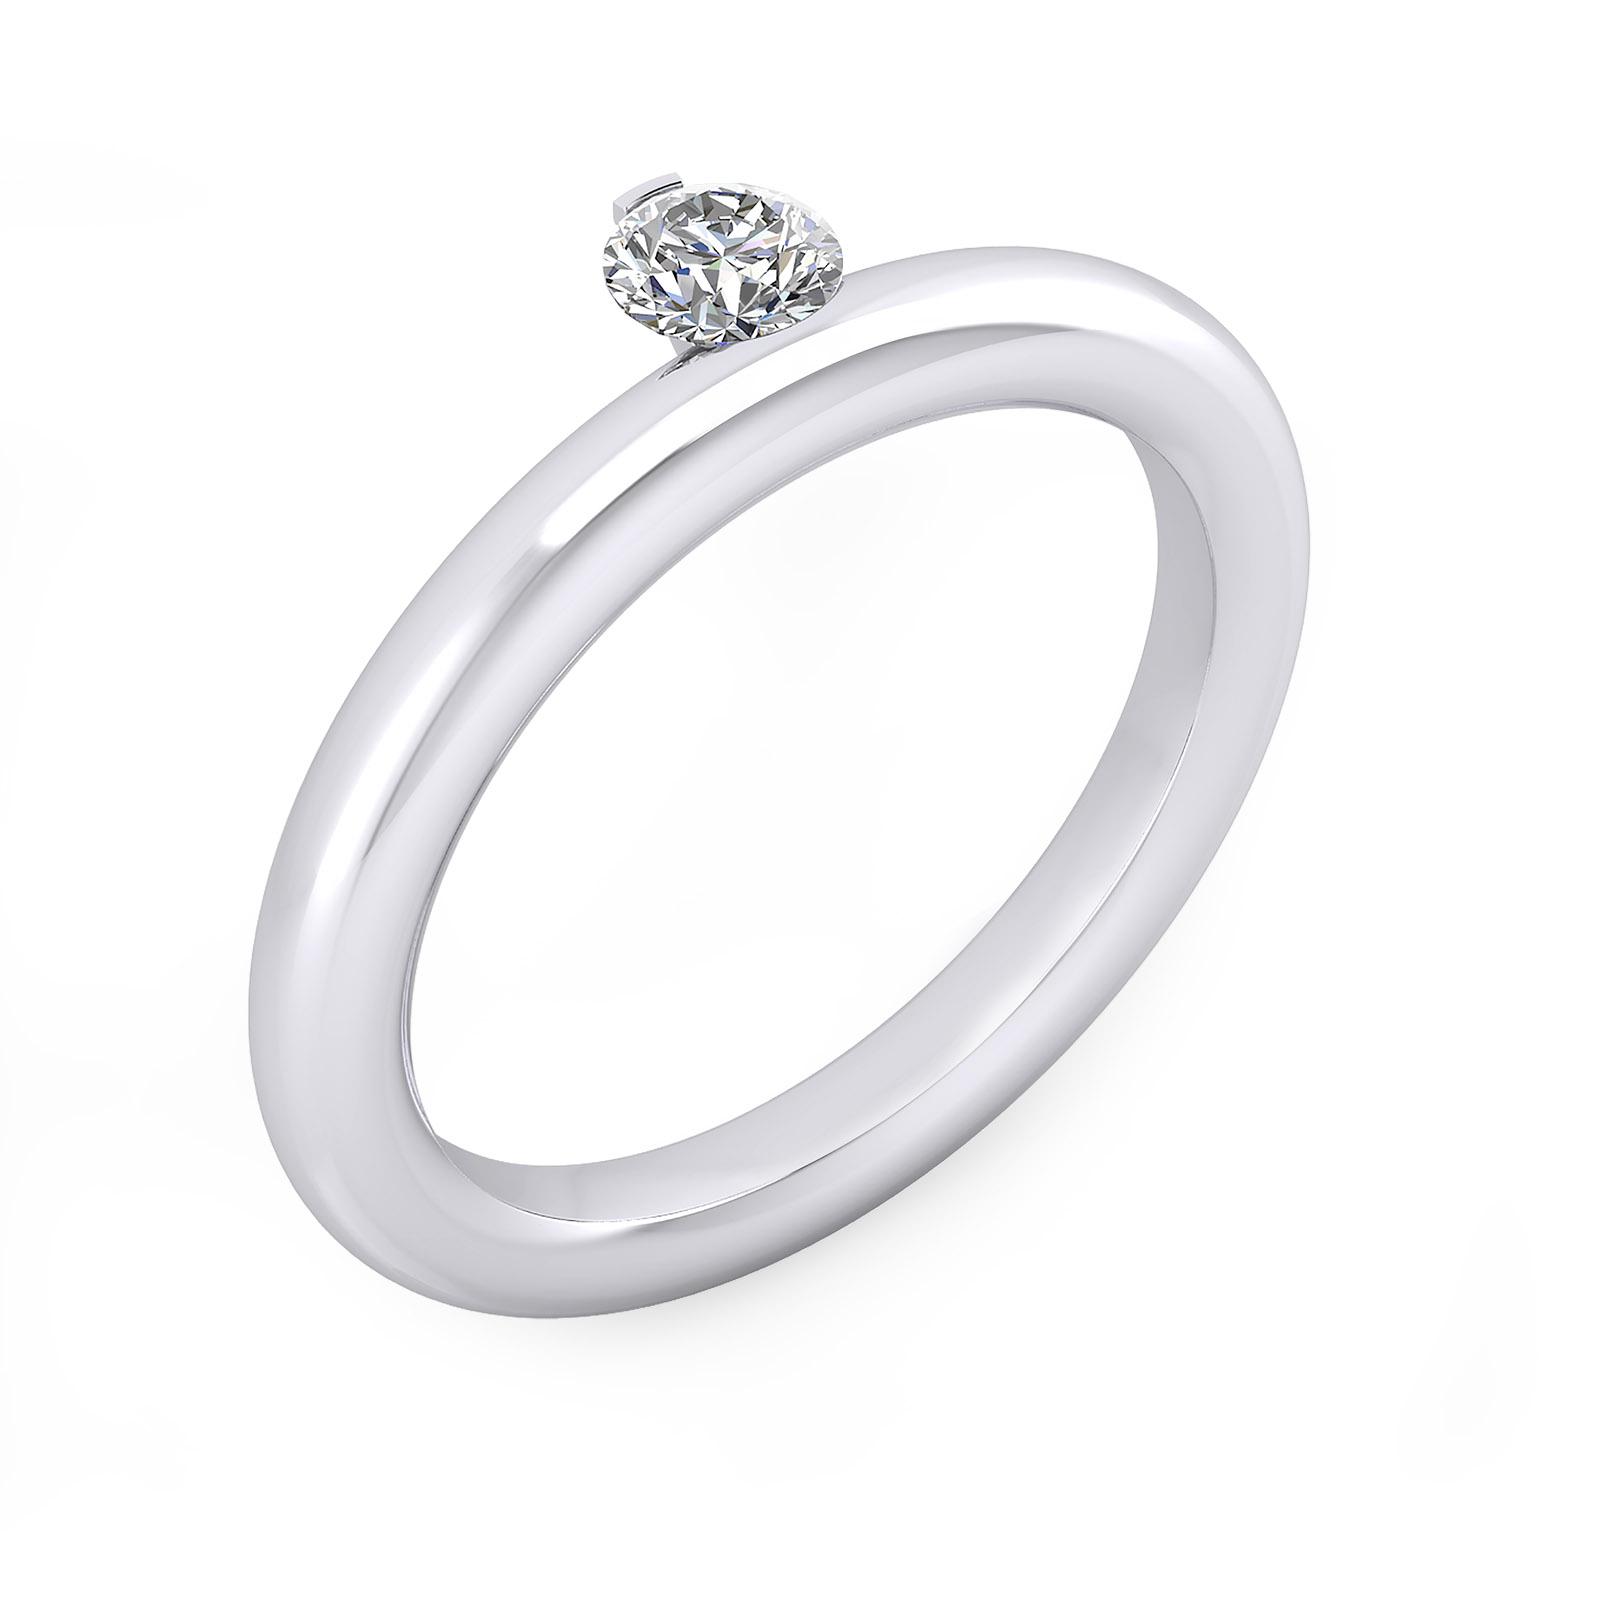 Anells de compromis or blanc 1 diamant central